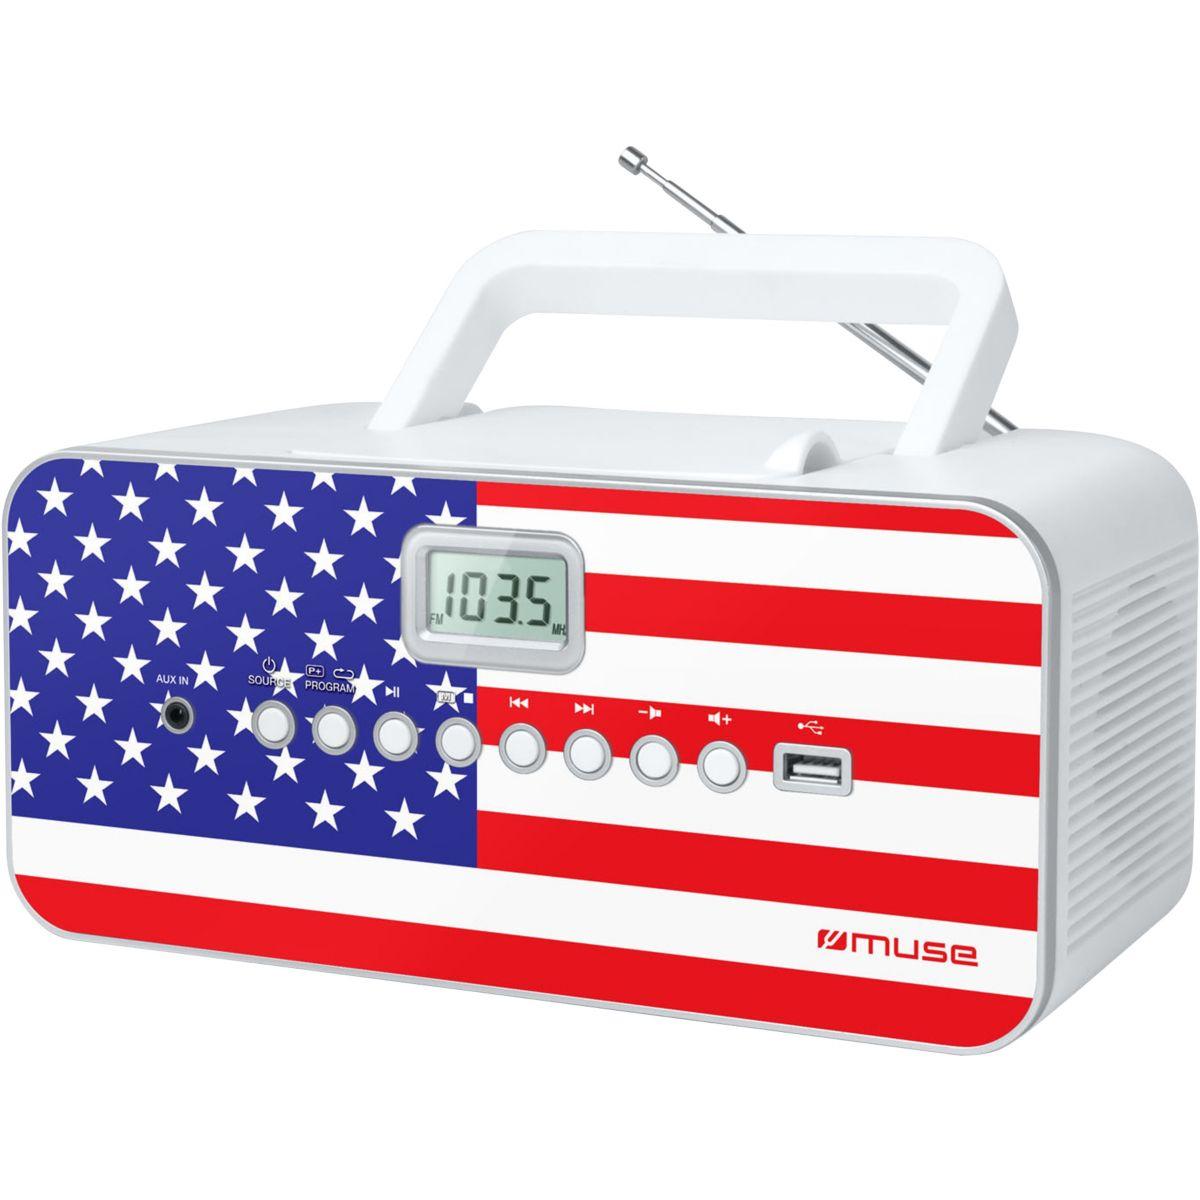 Radio cd muse m-28 us - 2% de remise imm�diate avec le code : fete2 (photo)